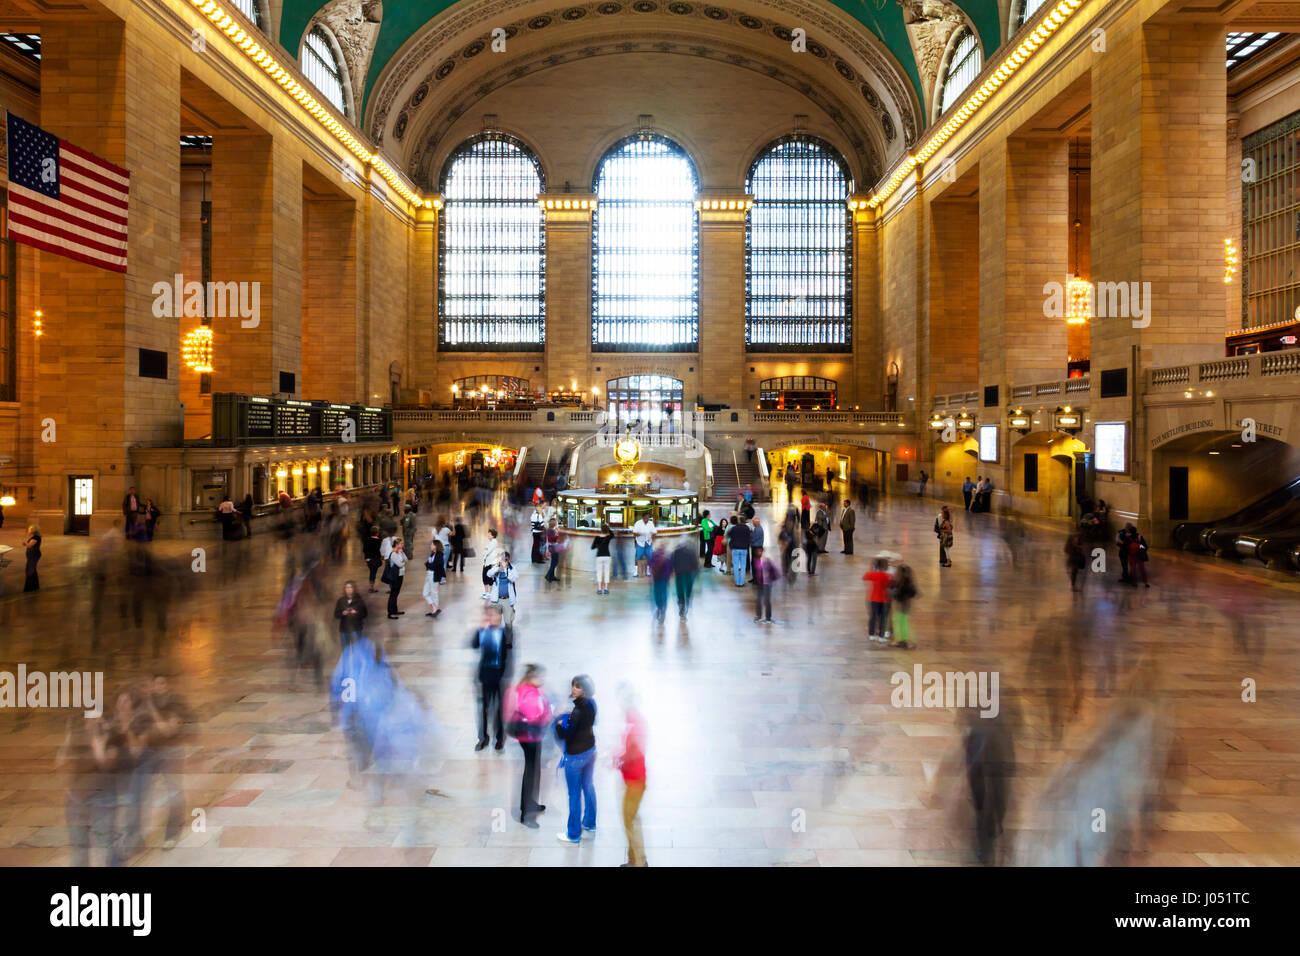 Vestíbulo principal Grand Central Terminal en Manhattan, Ciudad de Nueva York en el interior del edificio la Imagen De Stock